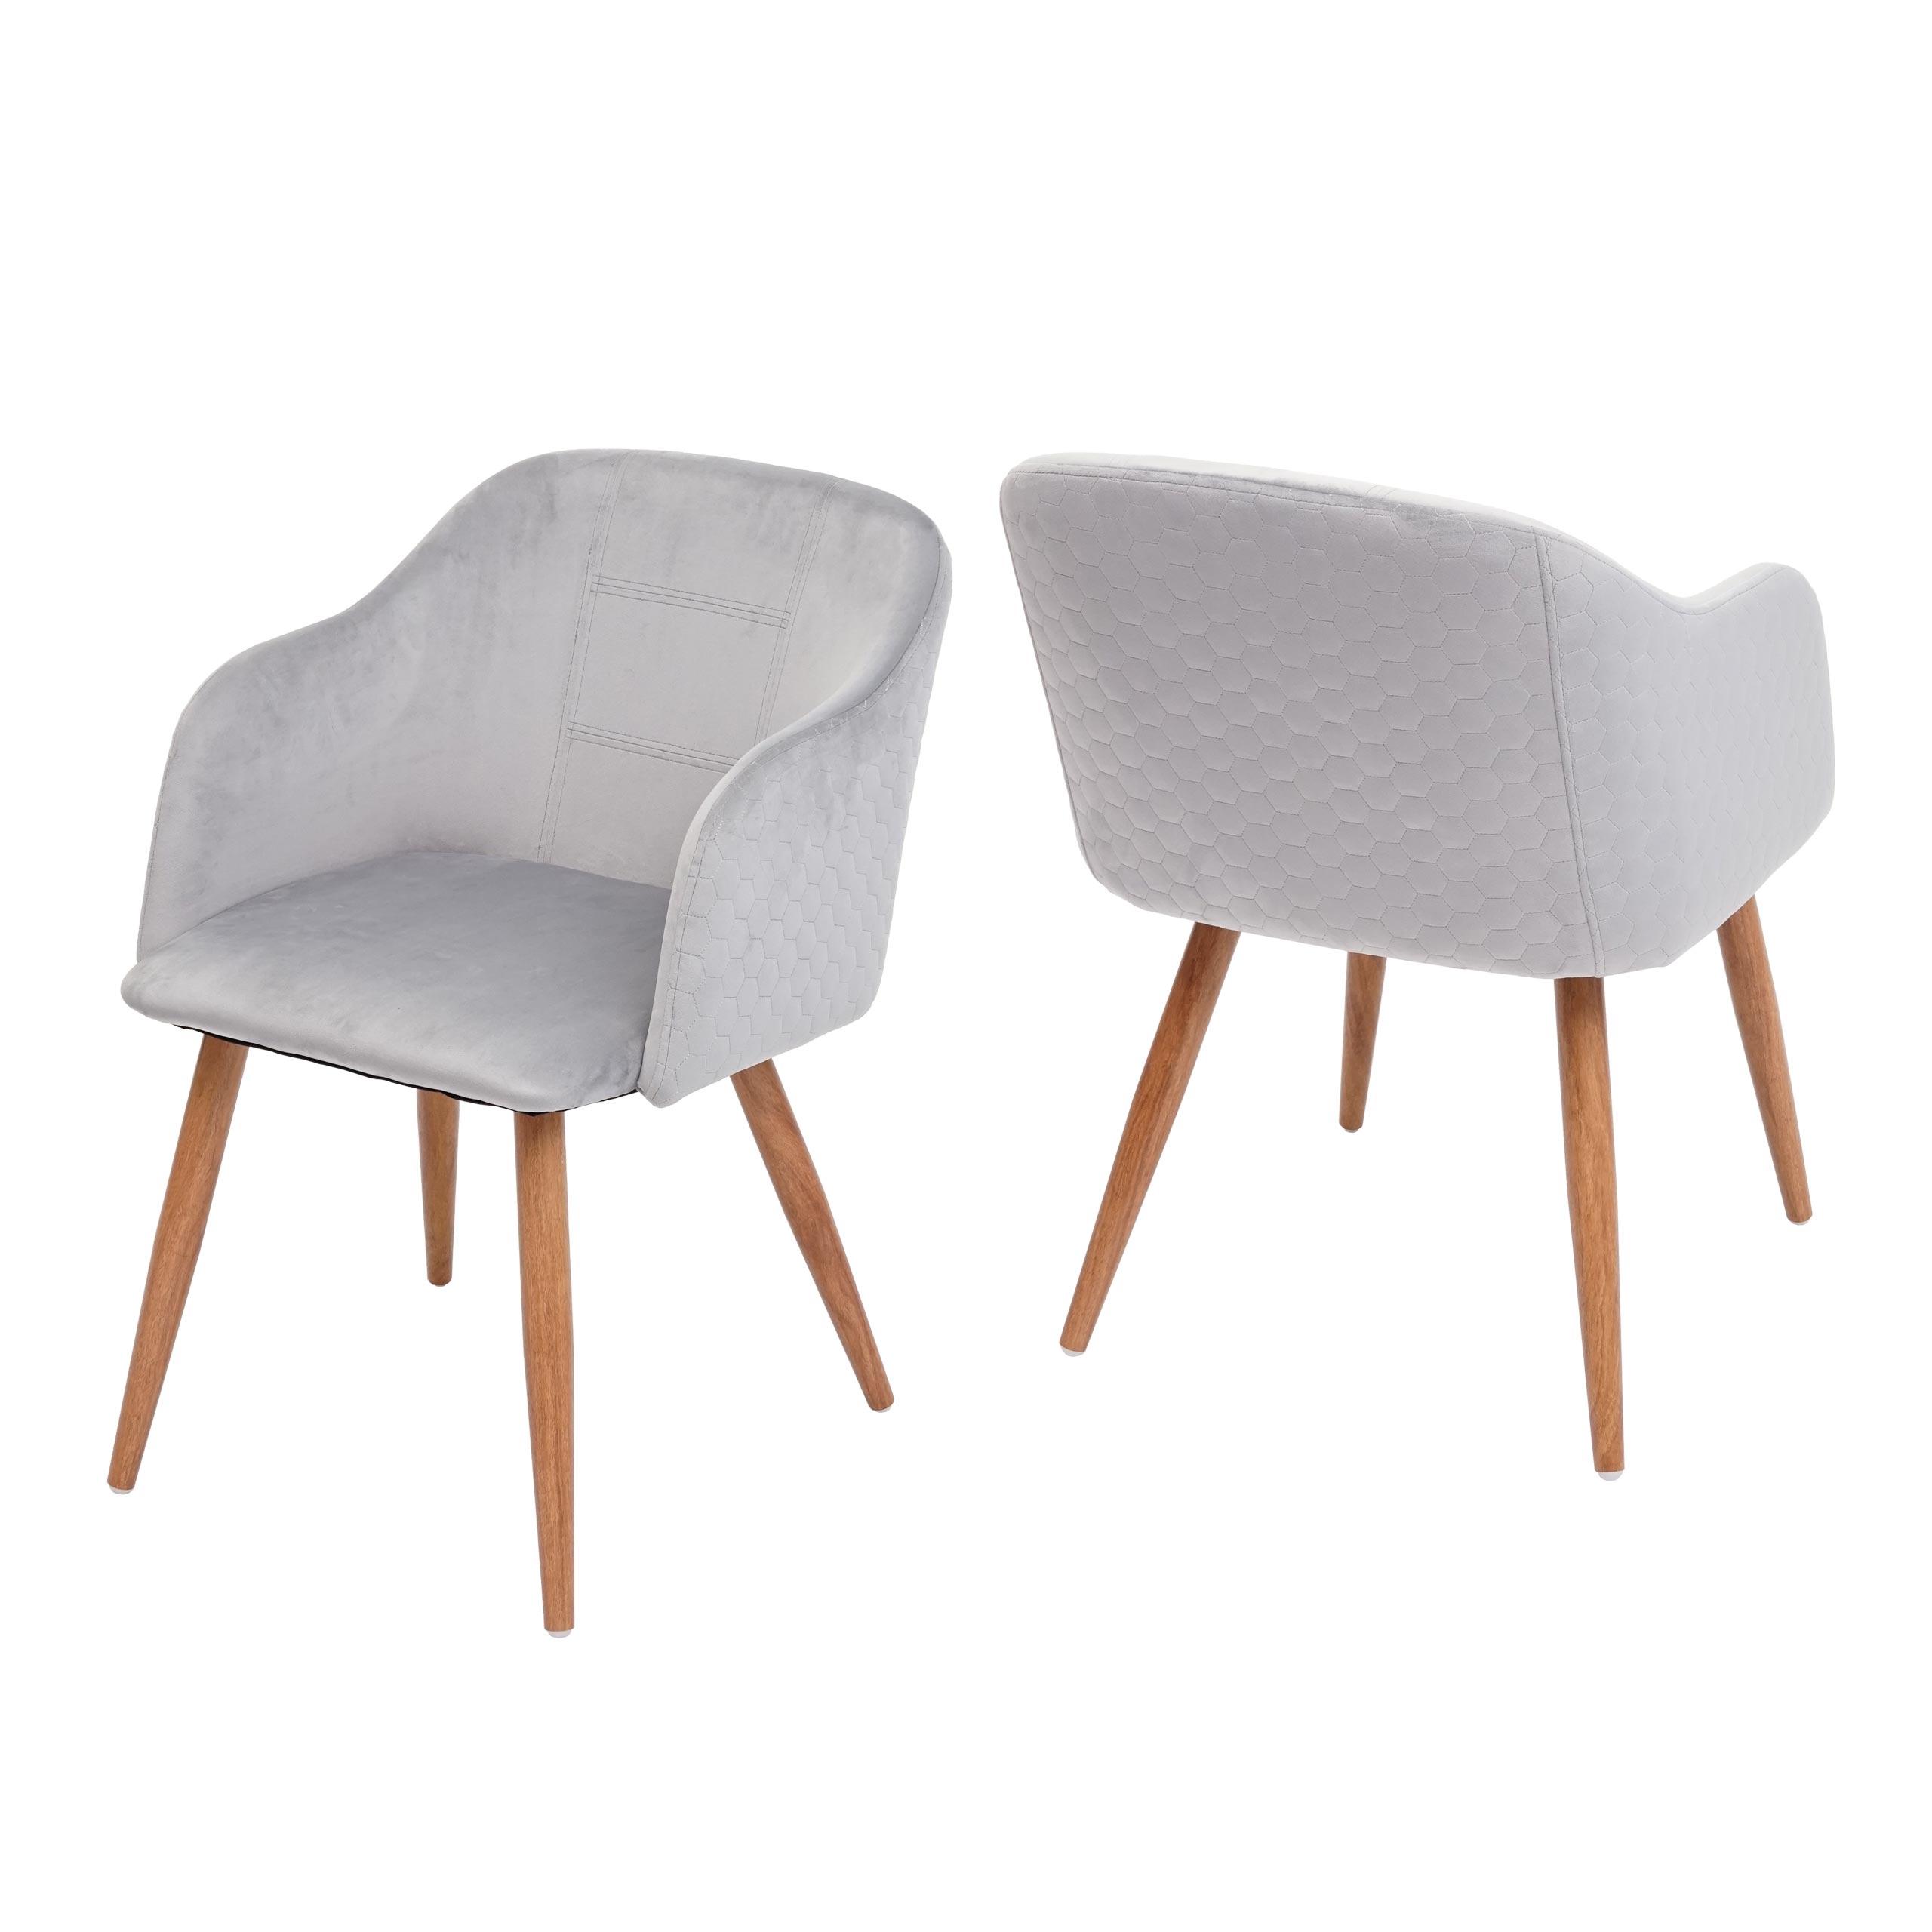 2x Esszimmerstuhl Hwc D71 Stuhl Kuchenstuhl Retro Design Armlehnen Stoff Textil Samt Hellgrau